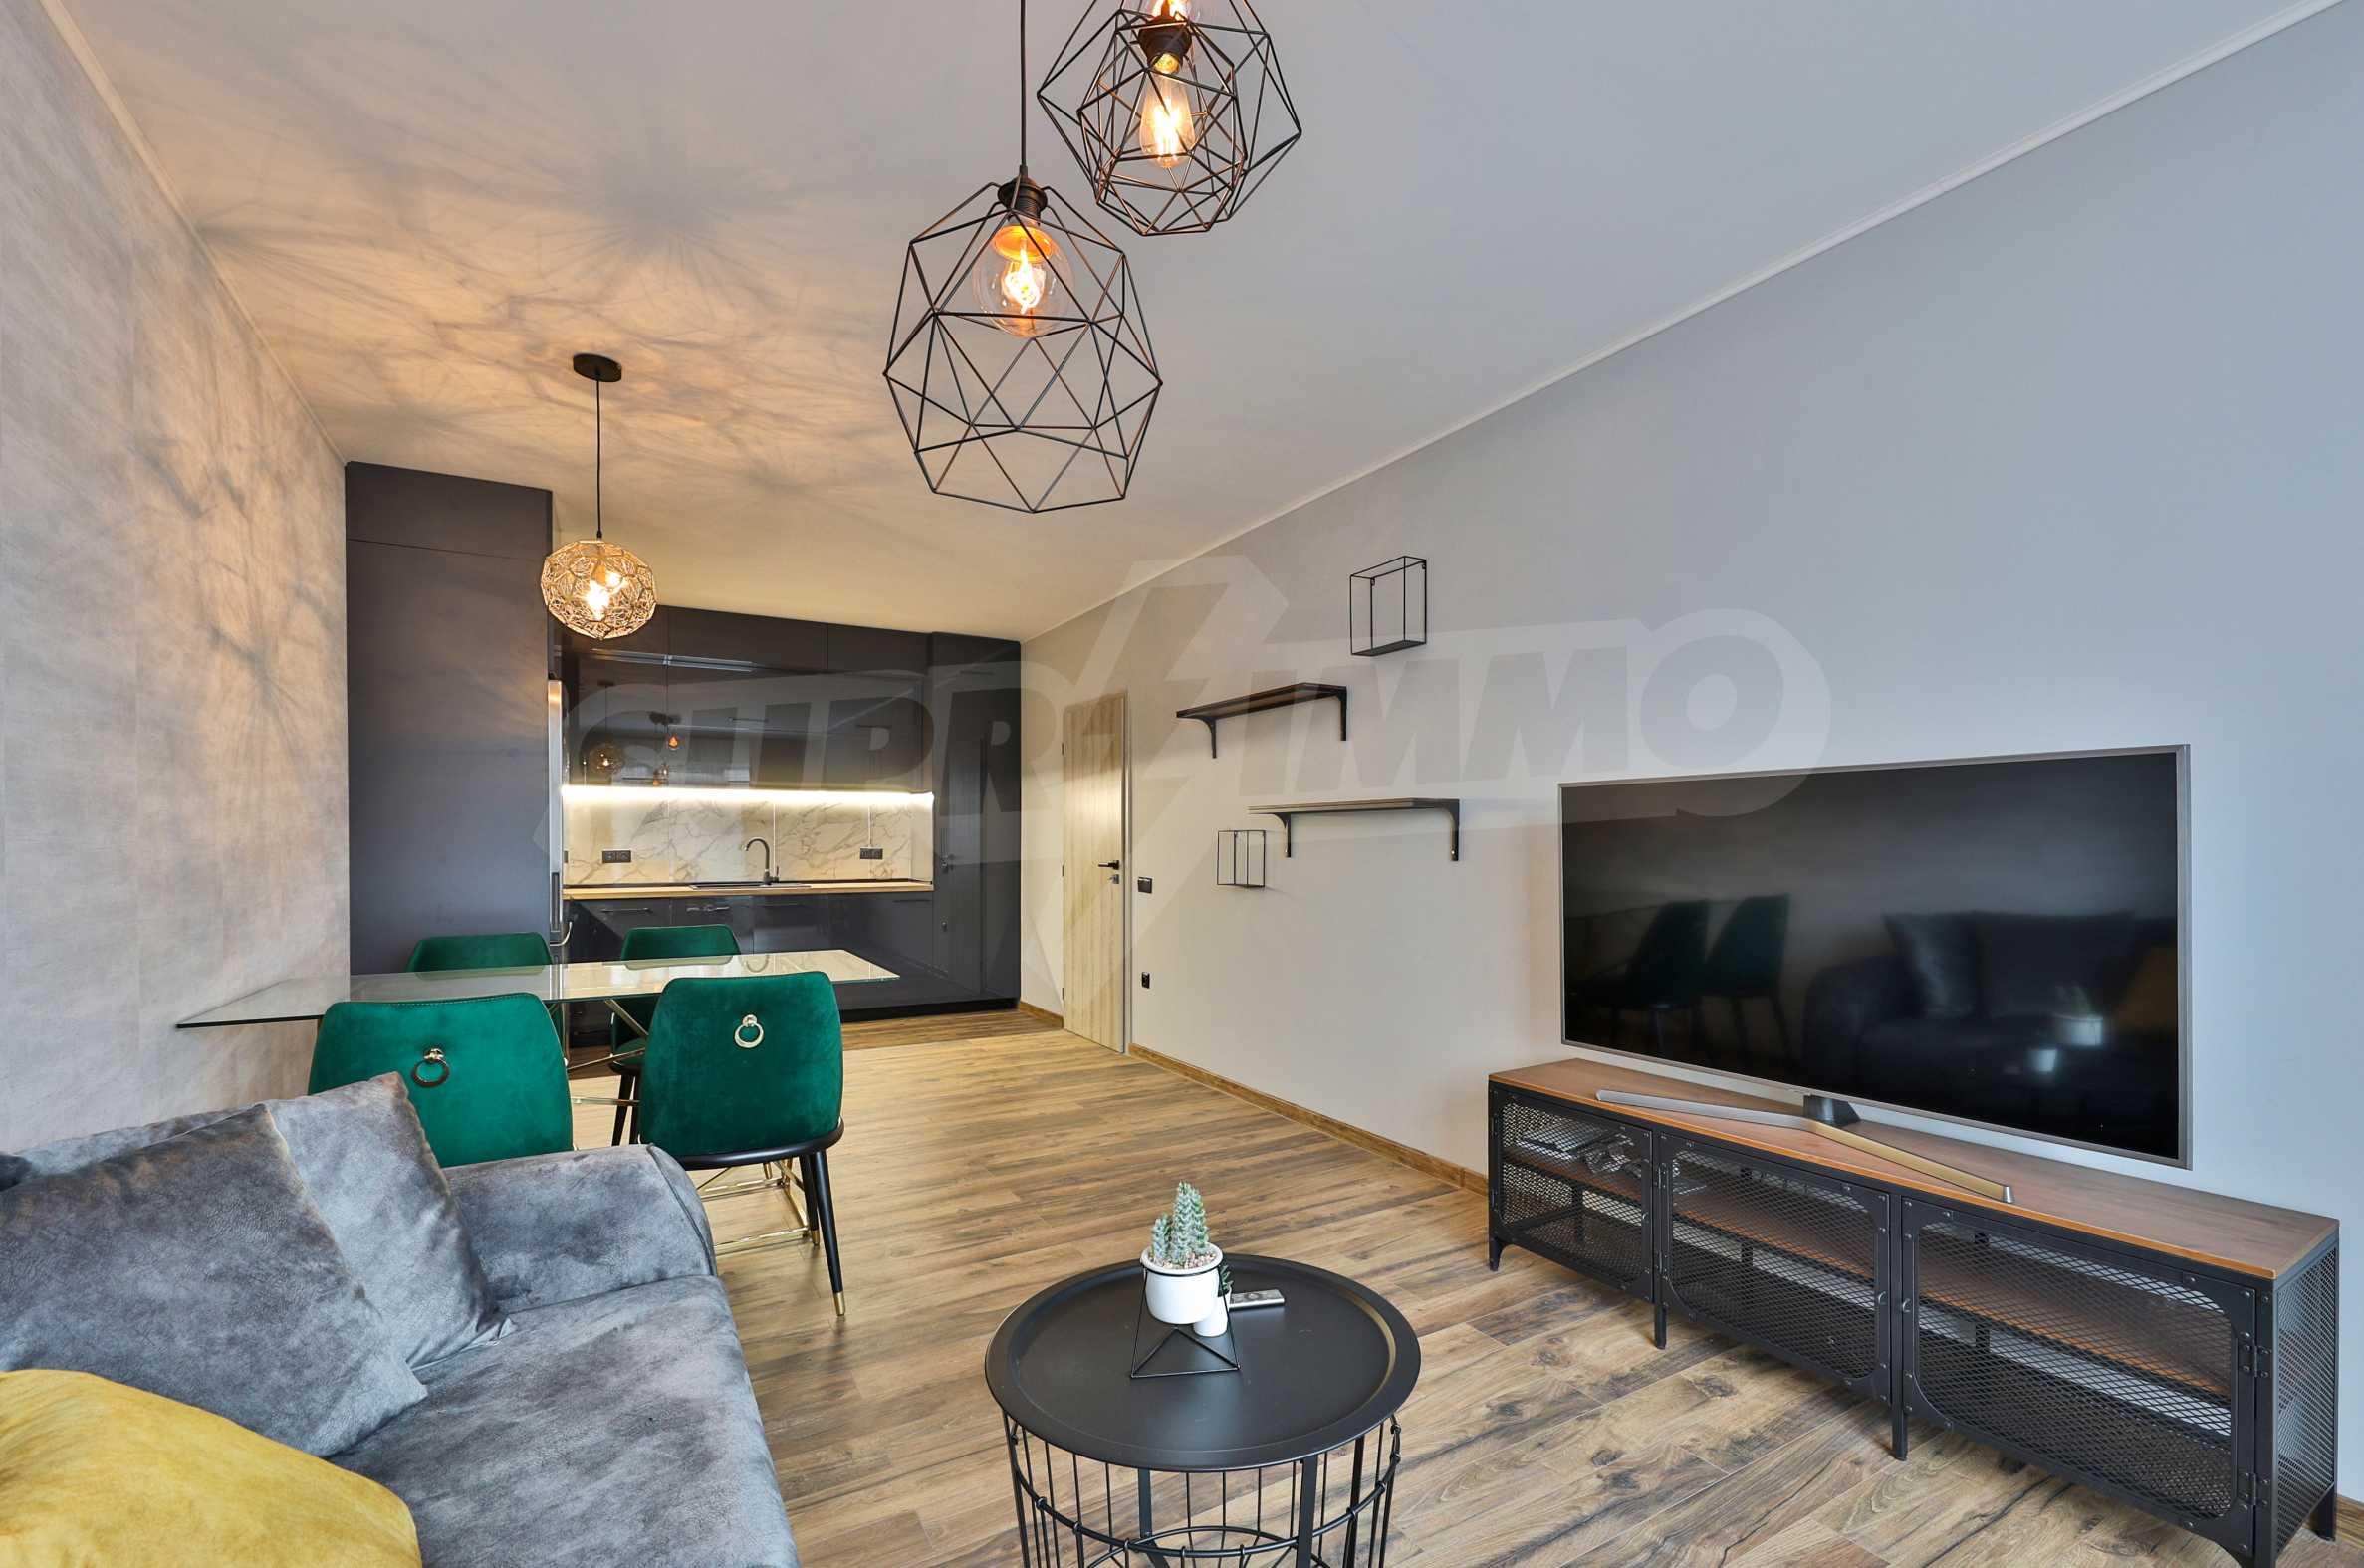 Нов, дизайнерски обзаведен двустаен апартамент с гараж в Центъра до метростанция и парк 1